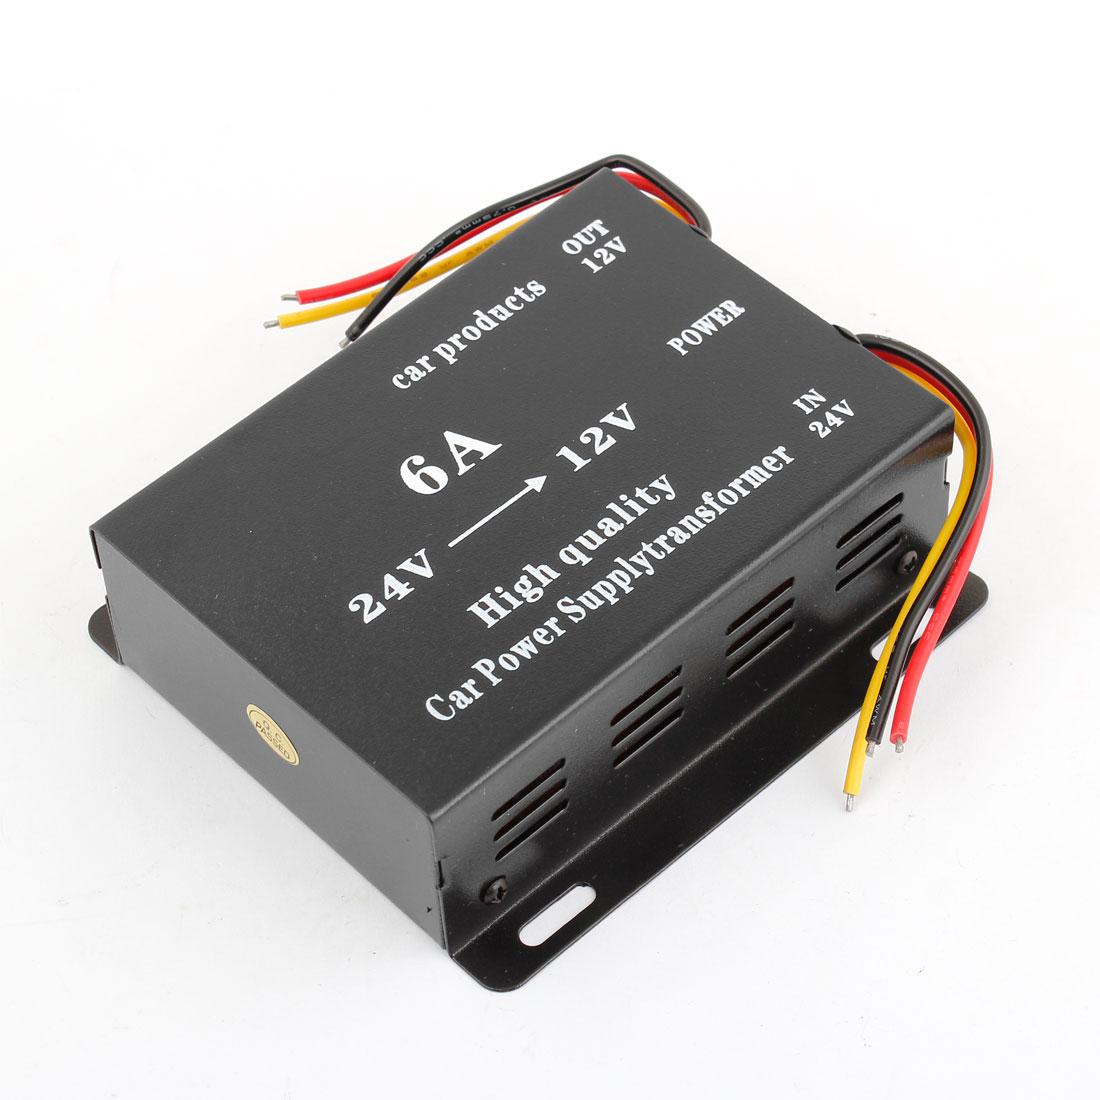 6A DC 24V to 12V Voltage Reducer Converter Car Power Supply Transformer